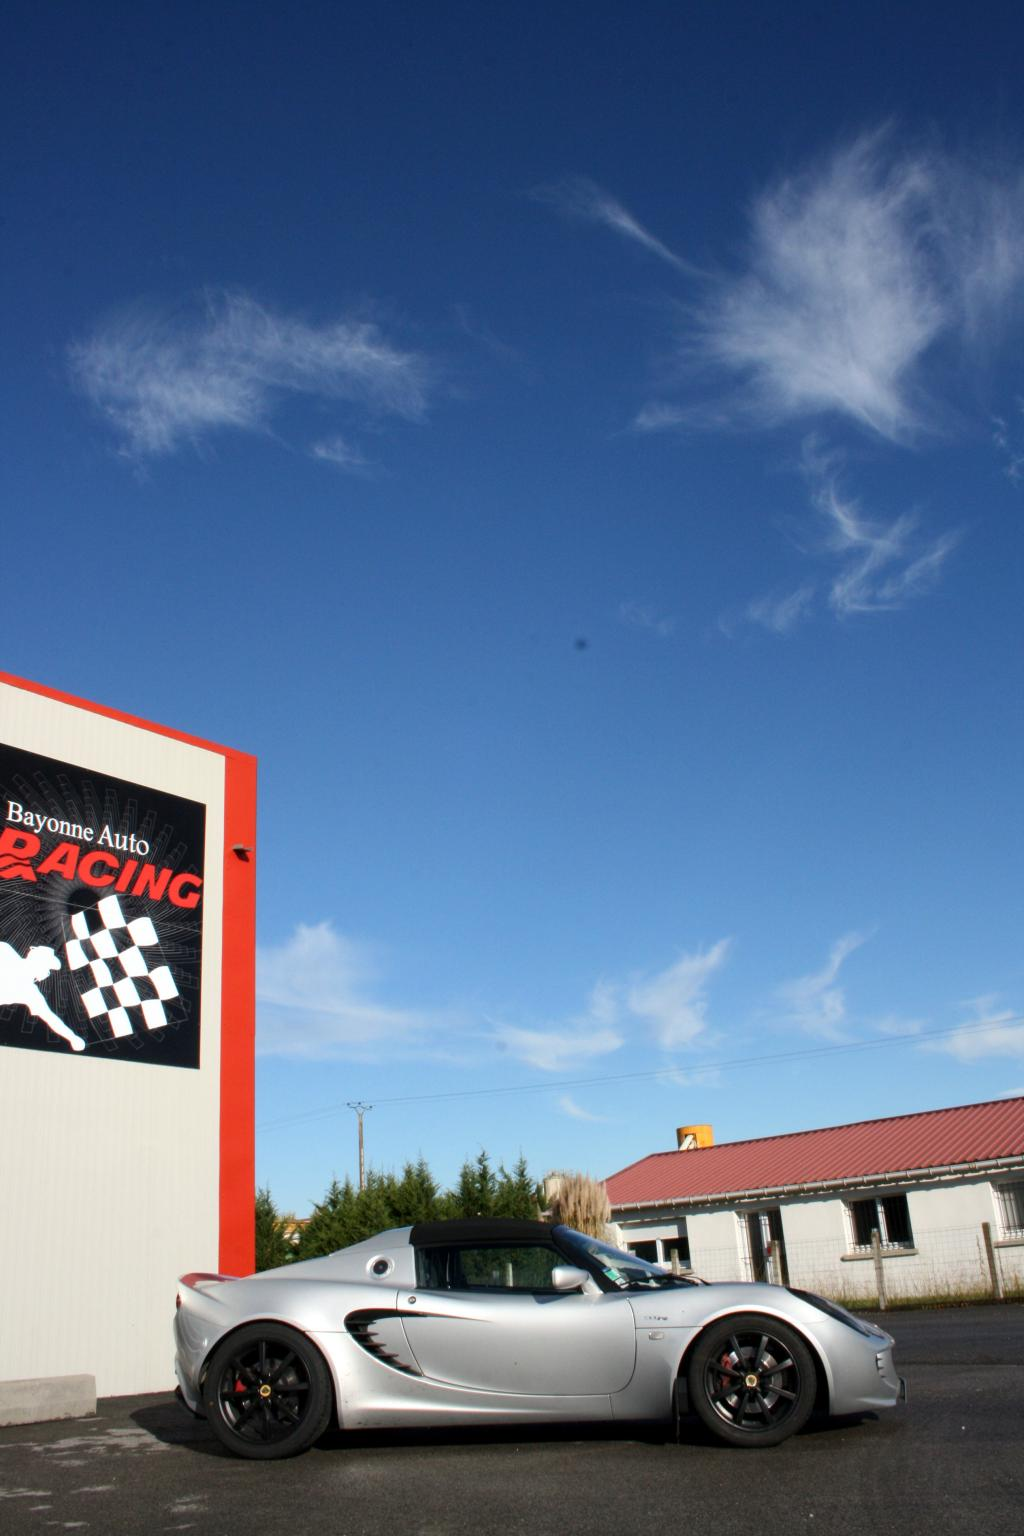 Sortie passage au banc bmwpassion chez Bayonne auto racing Img_9200-3978f6c